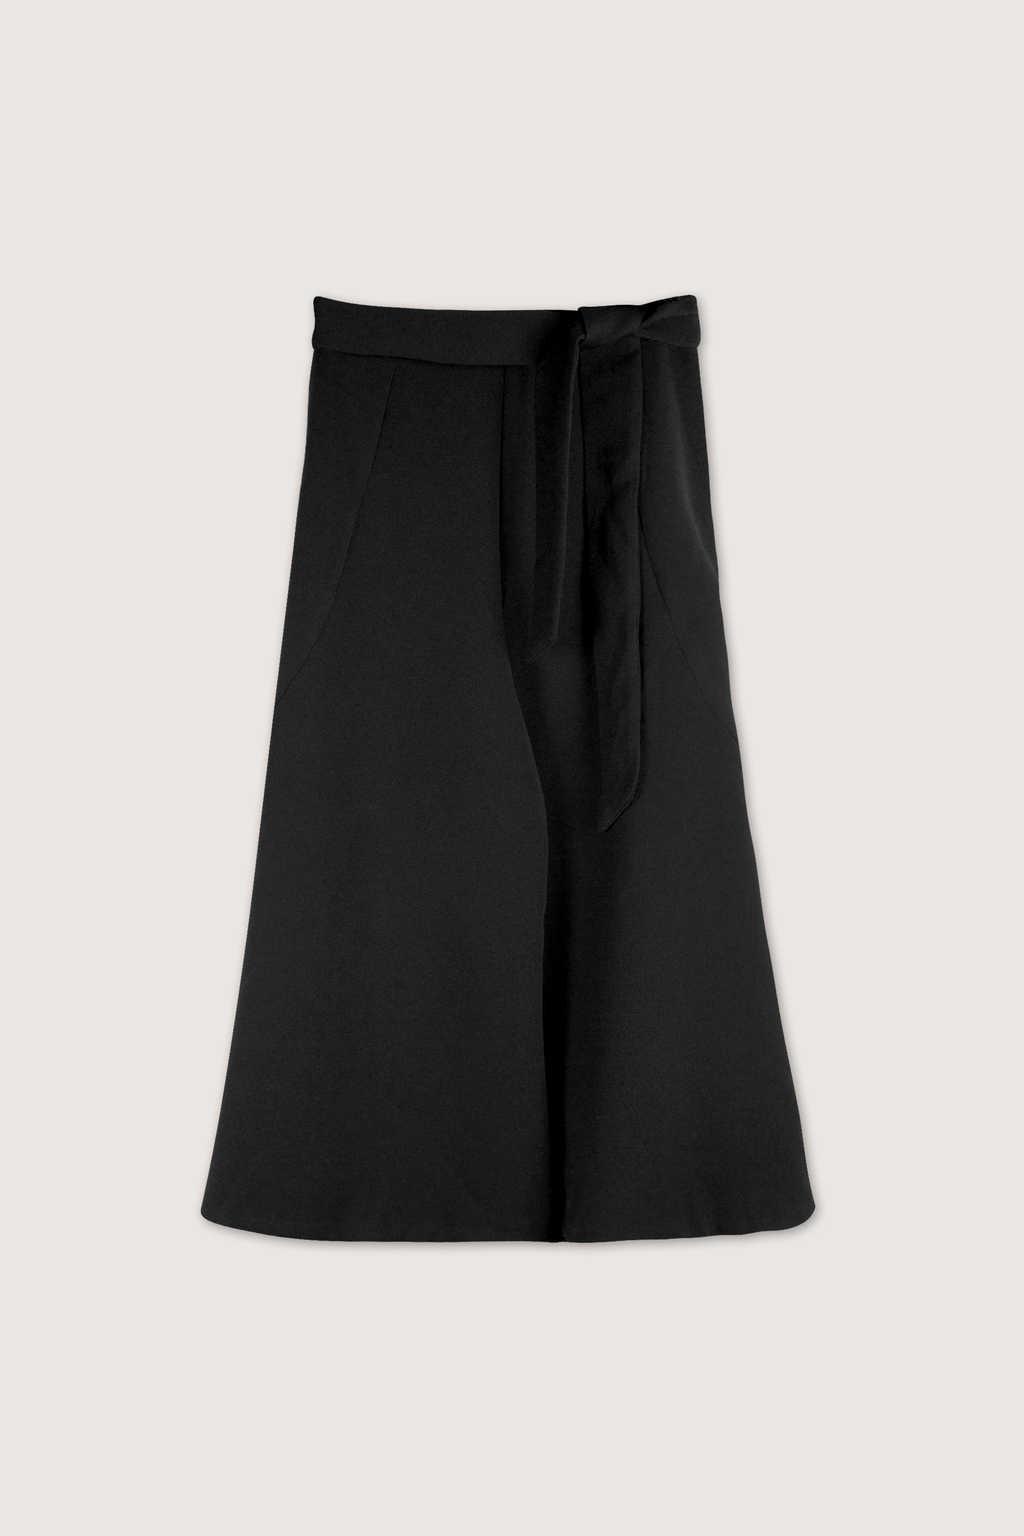 Pant H251 Black 5